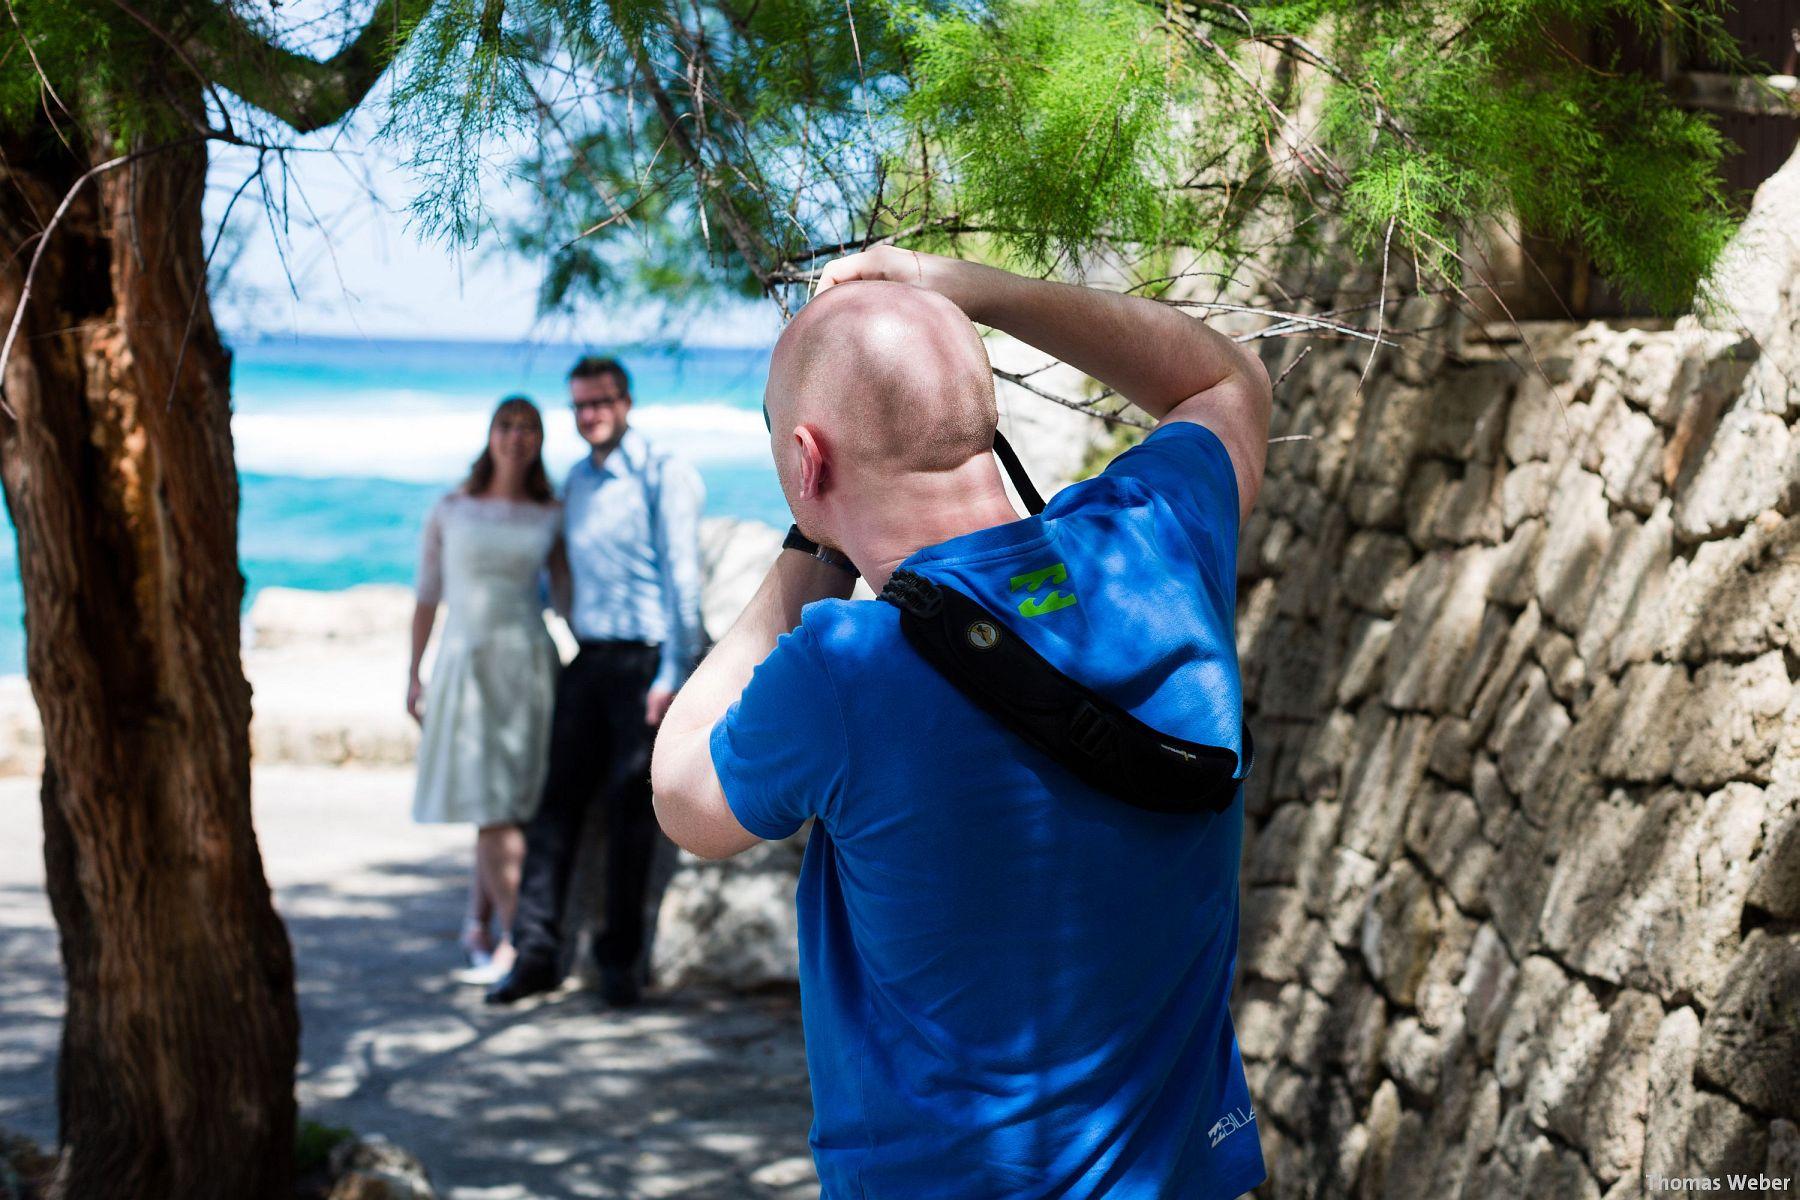 Fotograf Thomas Weber: Hochzeitsfotos und Paarfotos auf Mallorca (60)